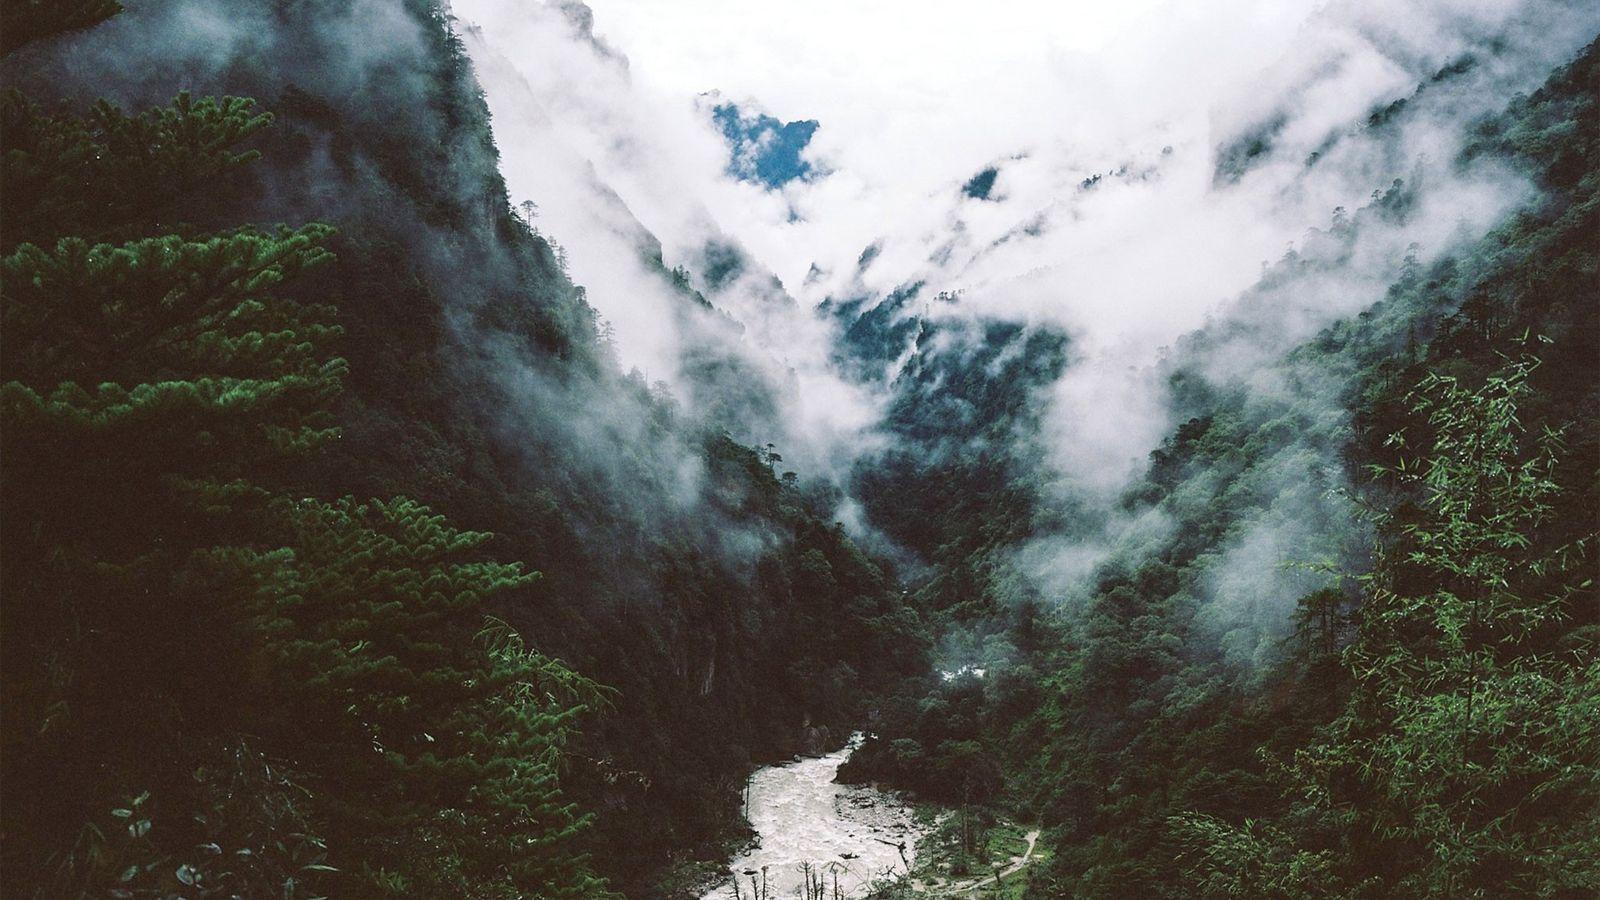 Bután es uno de los últimos puntos calientes de biodiversidad que quedan en el planeta. Aproximadamente ...